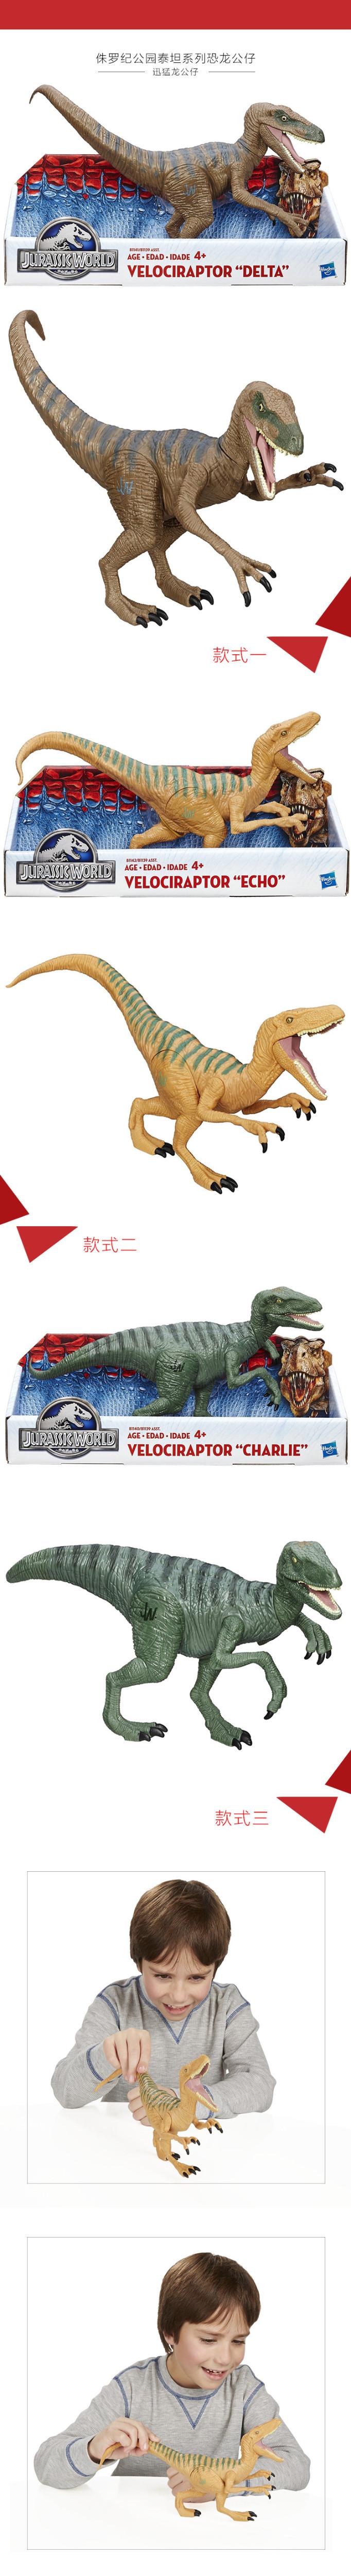 Latex tête complète tyrannosaure T-REX Dinosaures reptile fantaisie carnaval masques de partie